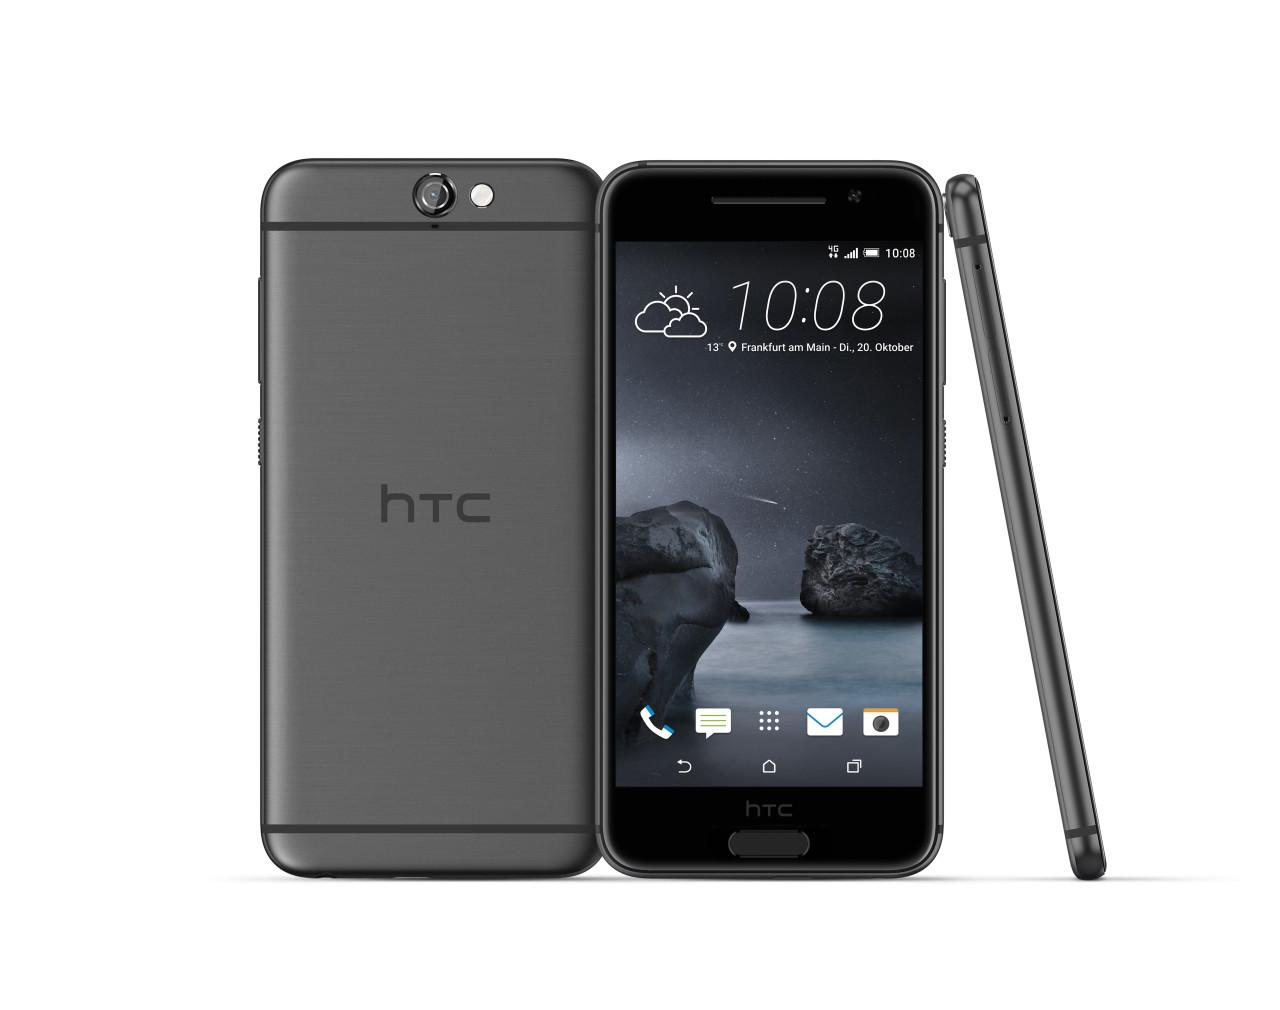 HTC-One-A9_Aero_3V_CarbonGrey-1280x1010